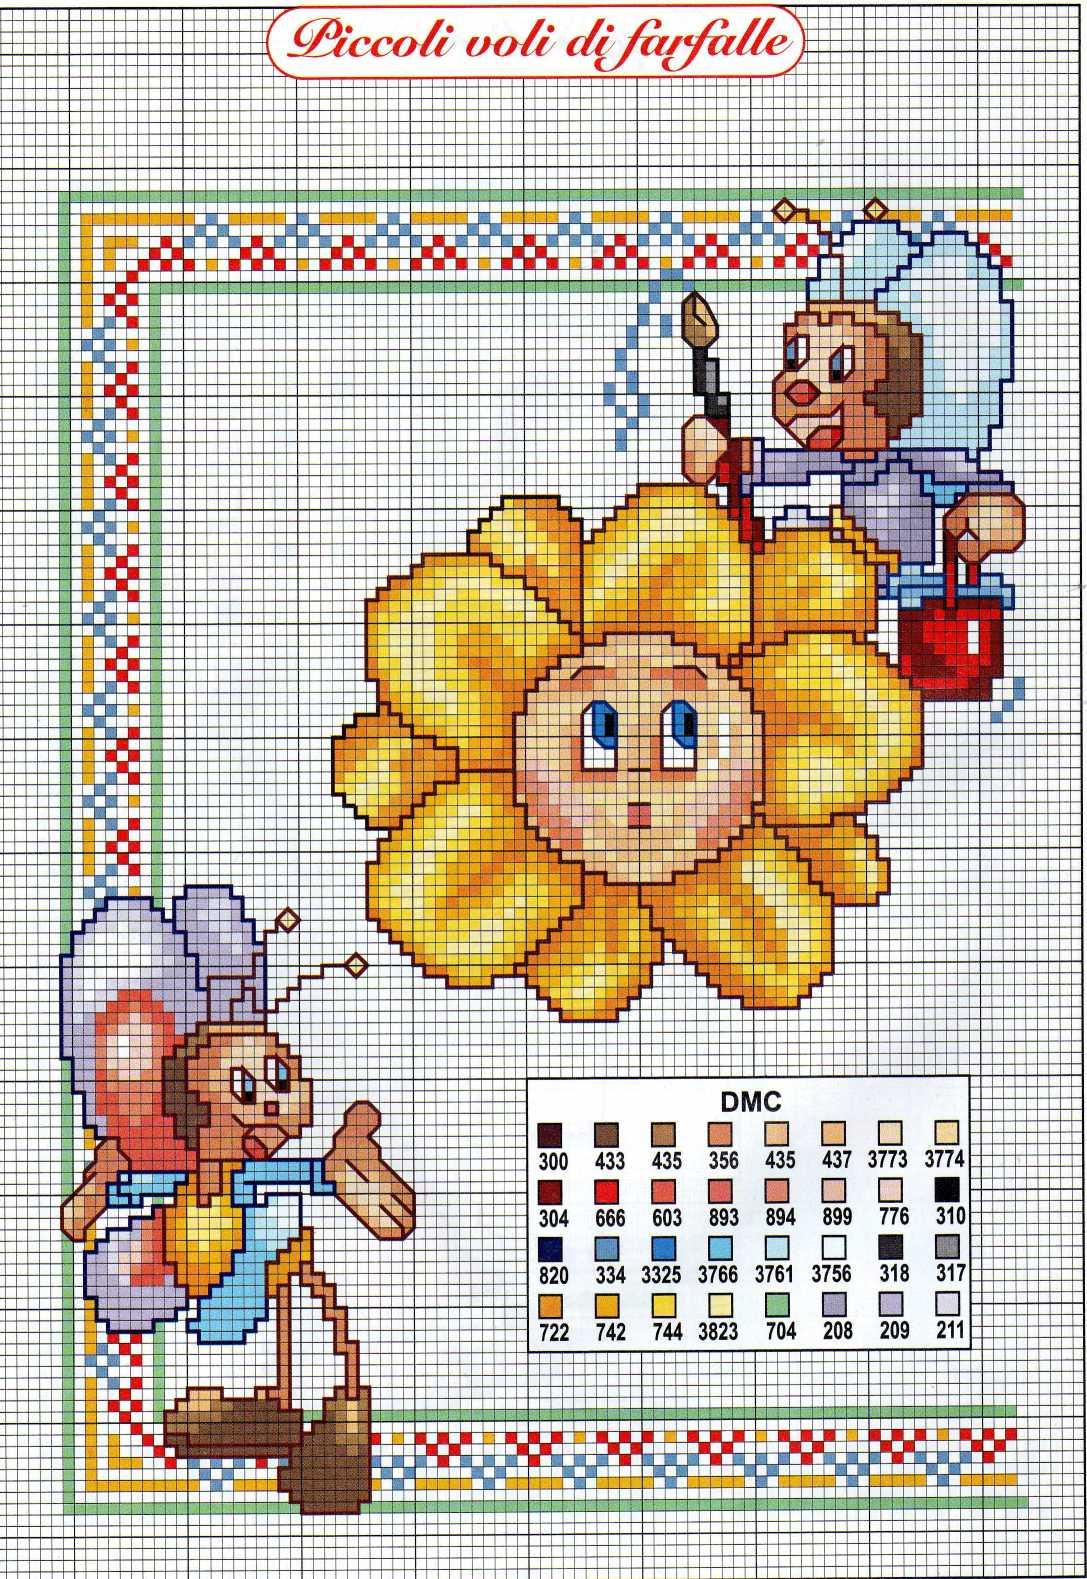 Bambini fargalle simpatiche fiore 1 for Iniziali punto croce bambini